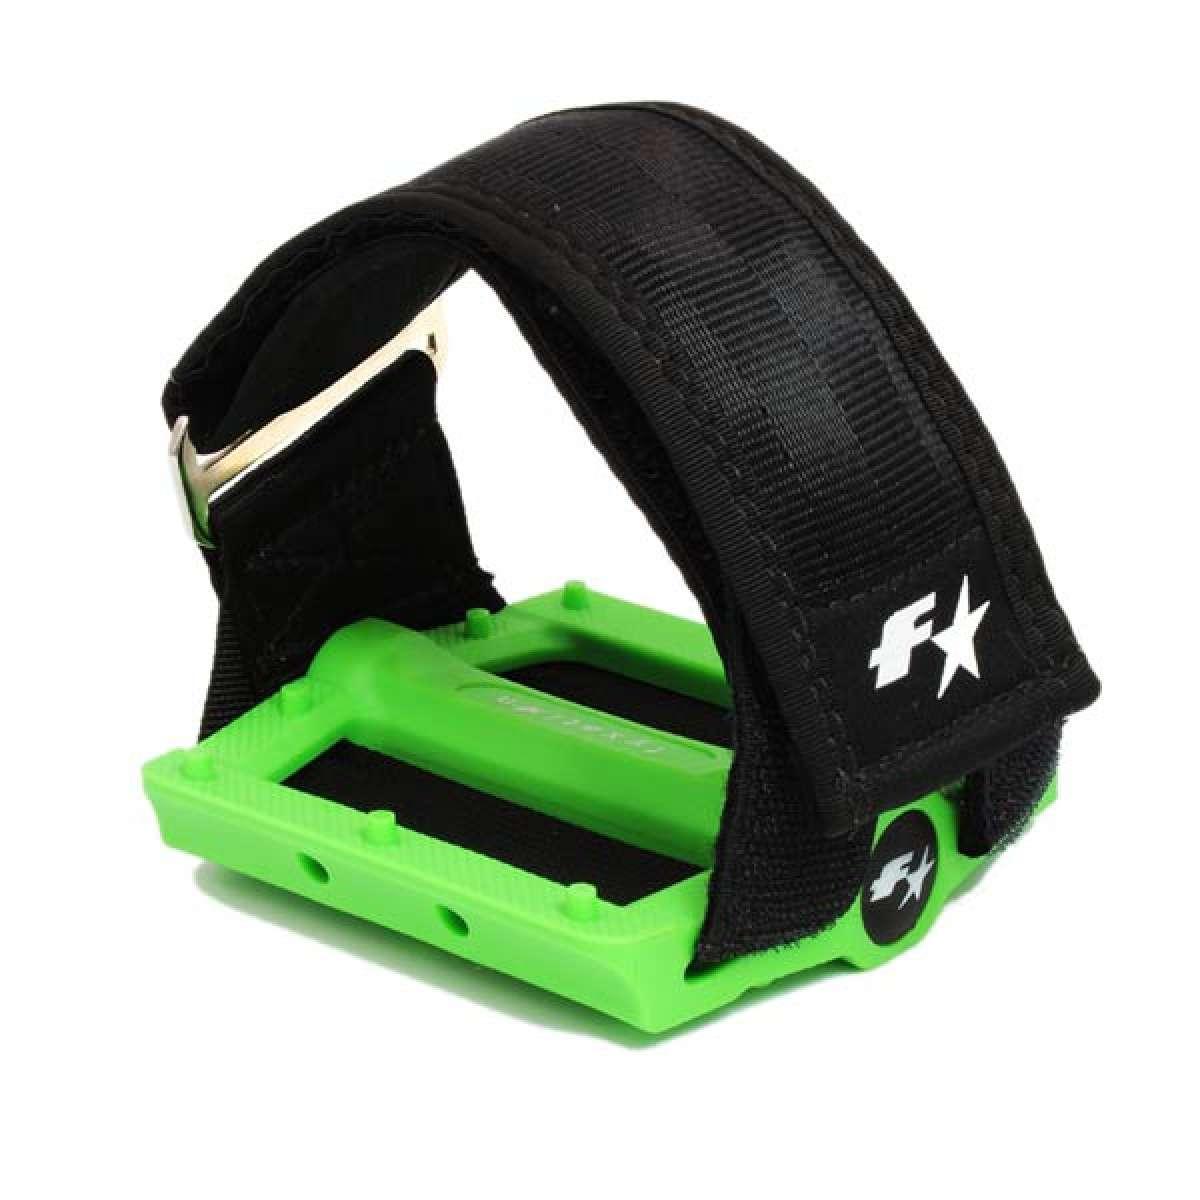 Fyxation Gates Slim, un nuevo pedal ultraplano estilo BMX con correas calapies opcionales